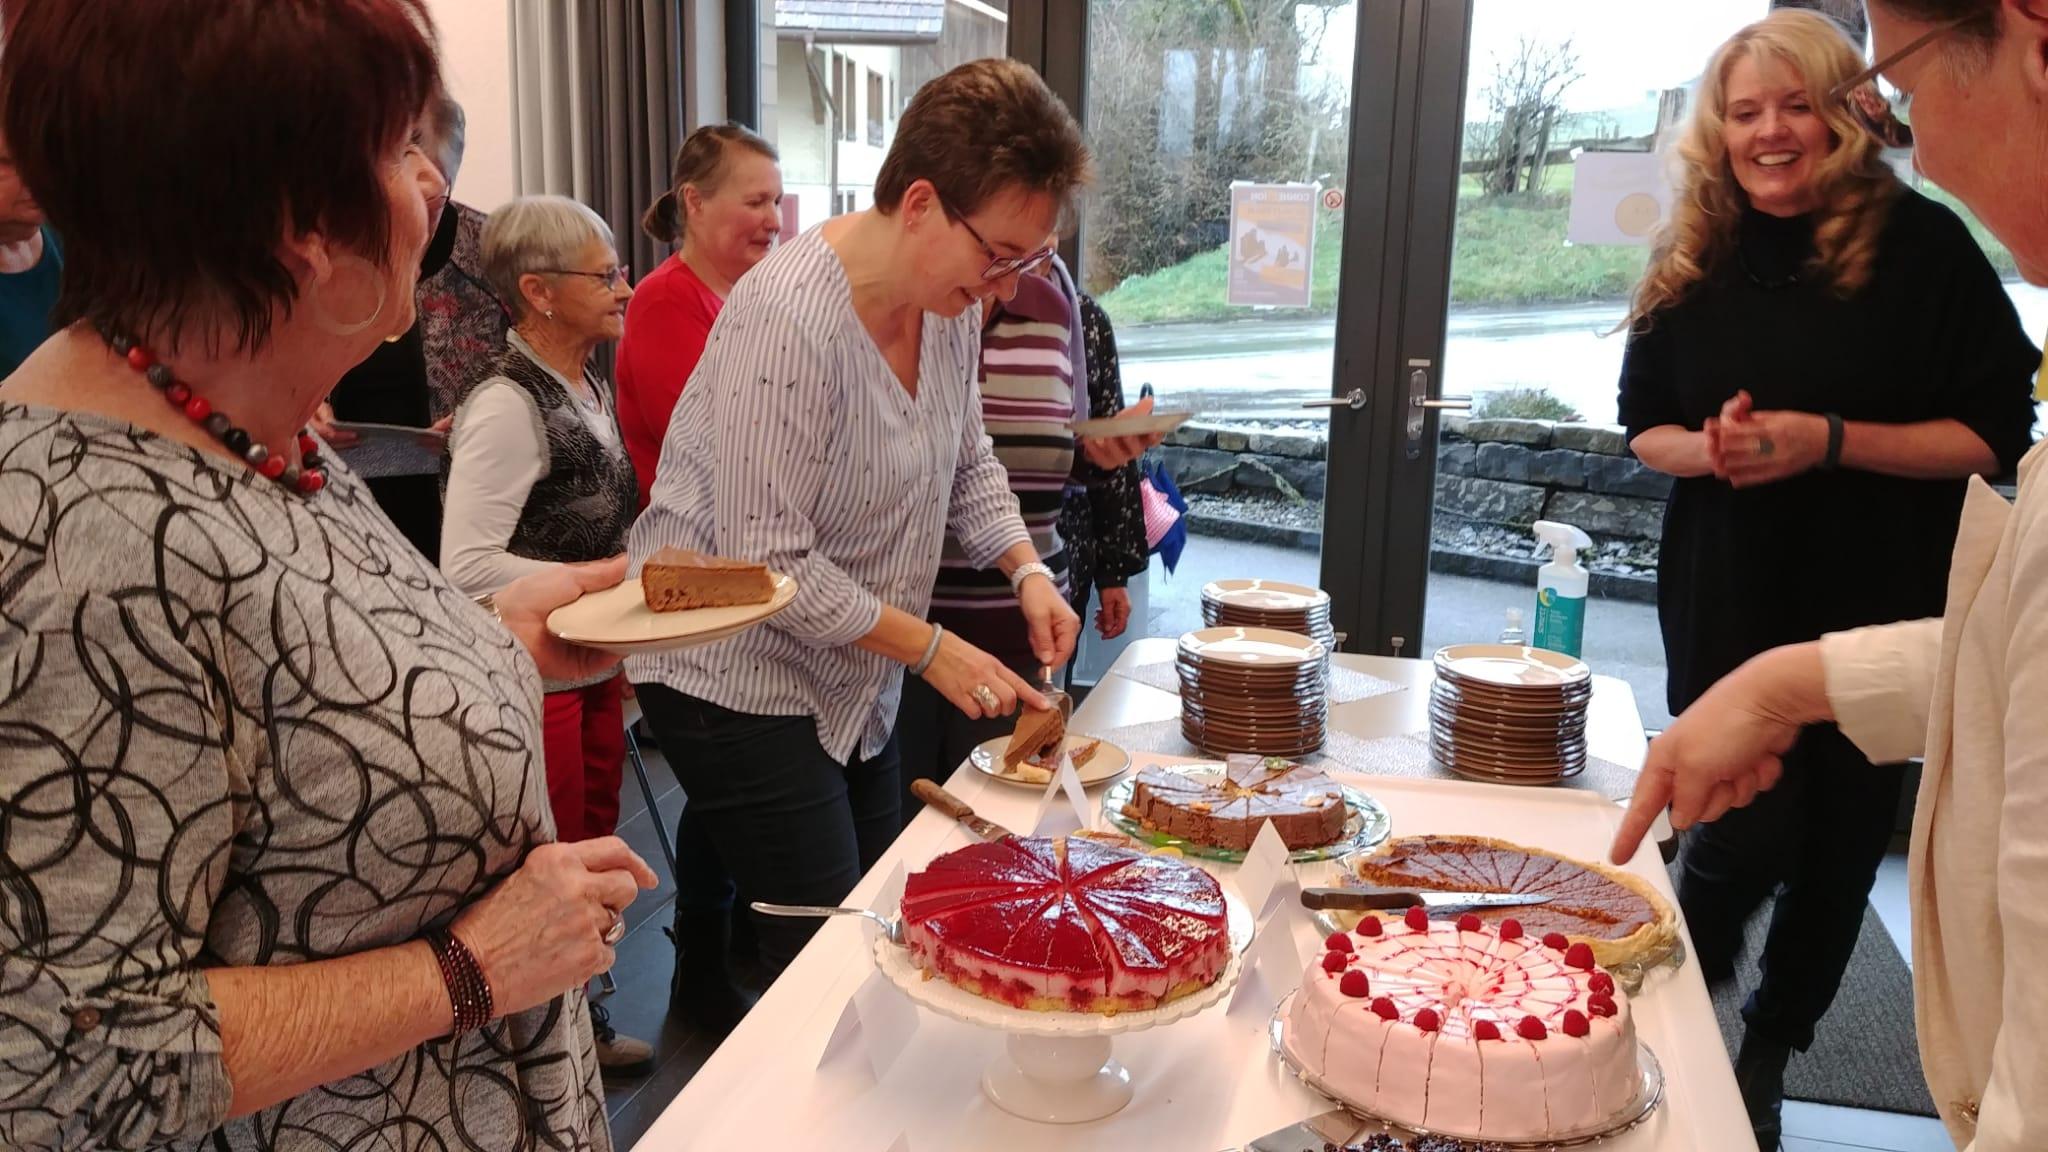 auch dieses Jahr hat der Vorstand ein feines Dessertbuffet vorbereitet